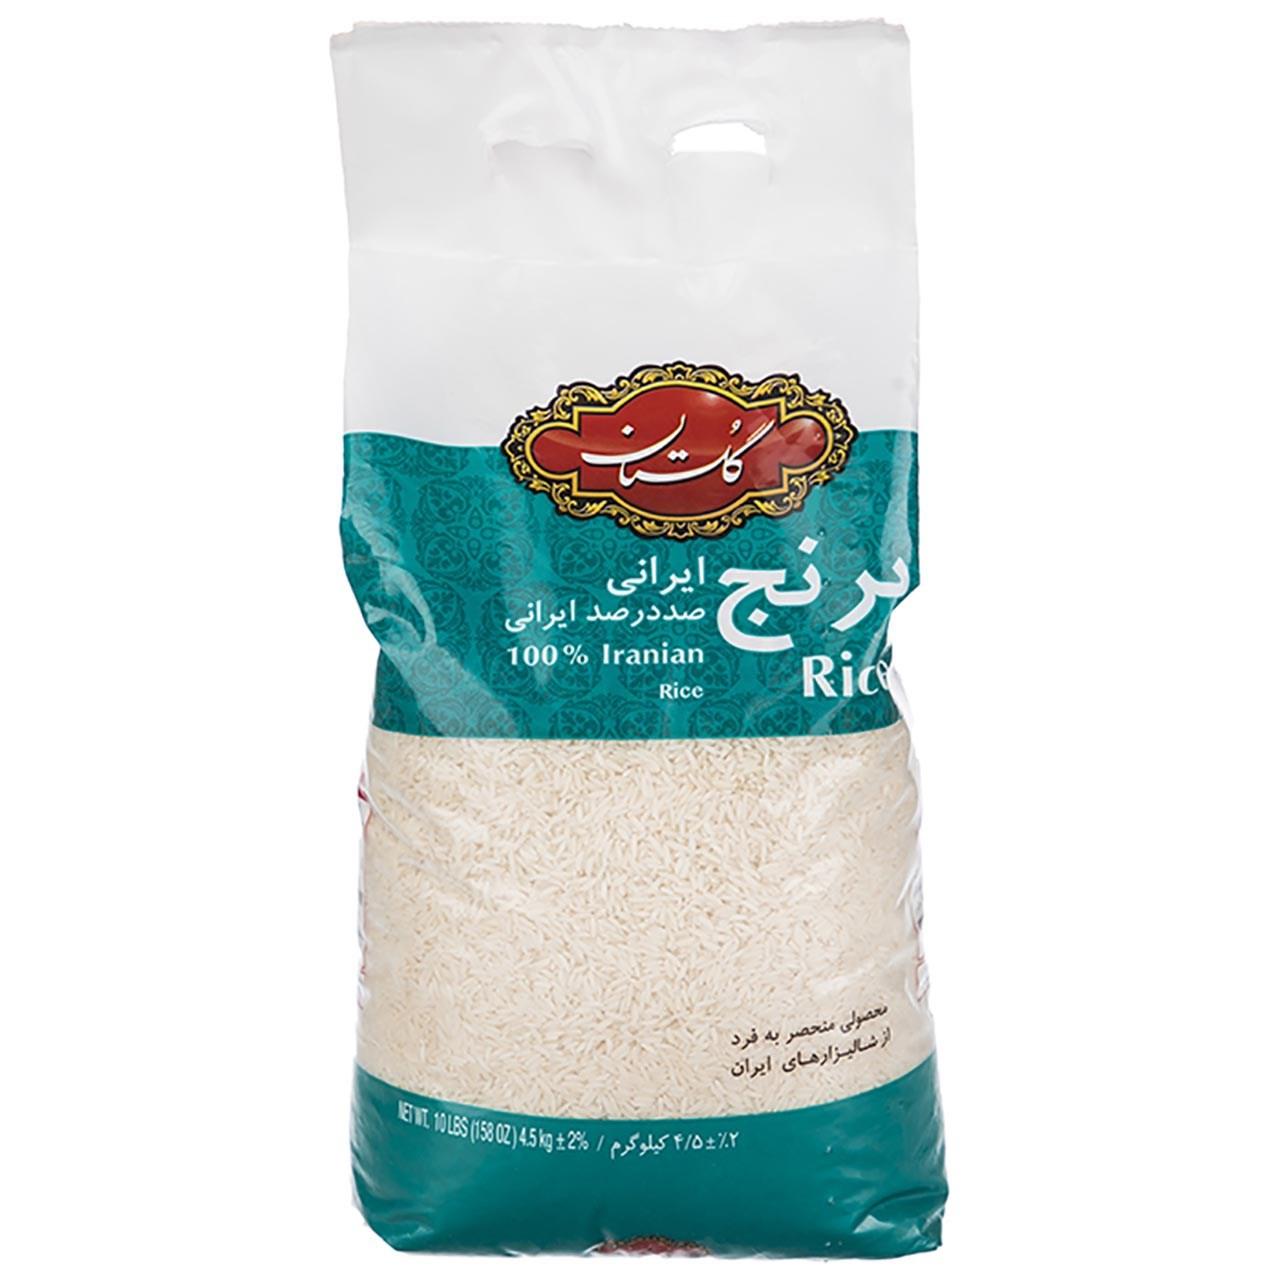 برنج ایرانی گلستان مقدار 4.5 کیلوگرم